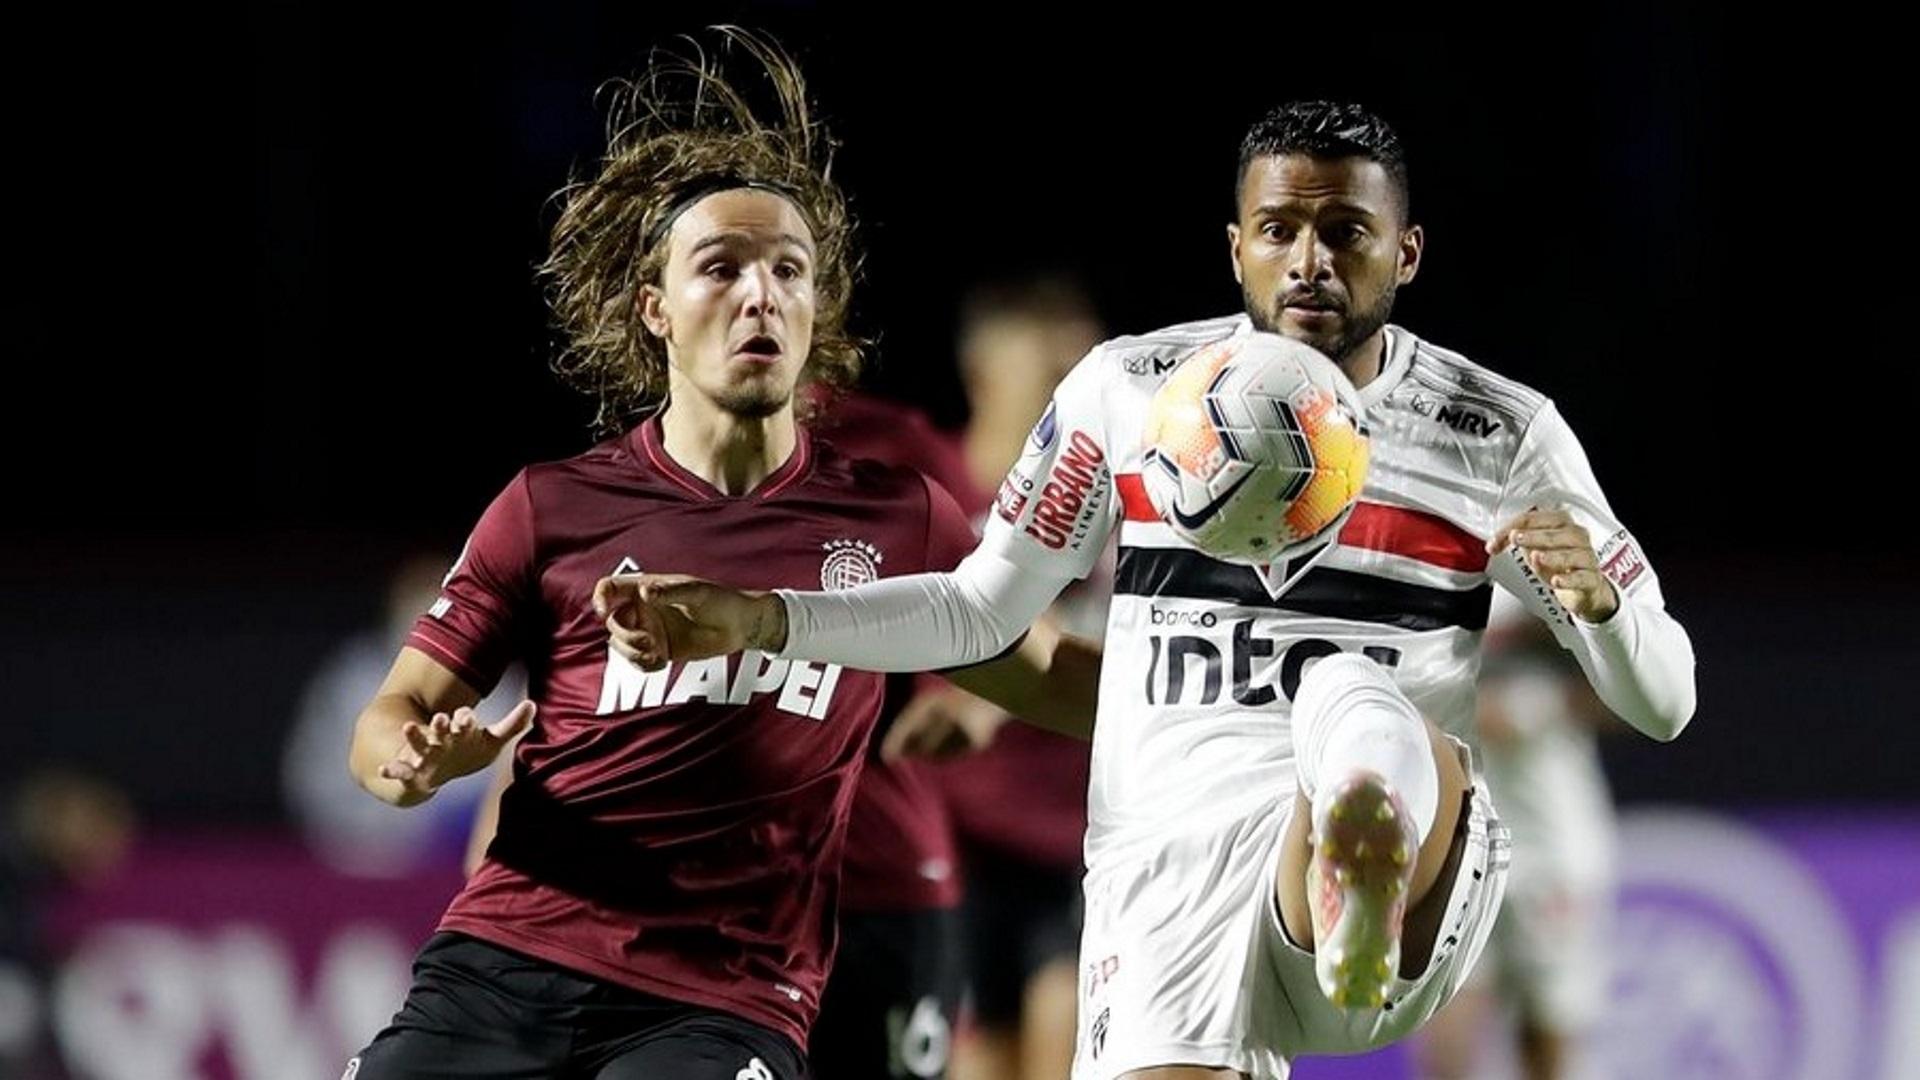 sao-paulo-lanus-sul-americana- SPFC vira sobre Lanús, mas gol nos acréscimos elimina time da Sul-Americana